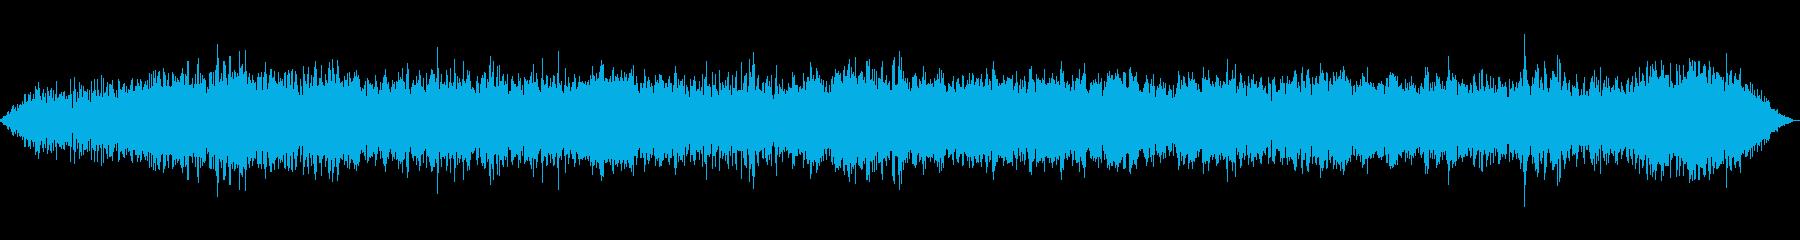 バンの運転-インテリアの視点の再生済みの波形